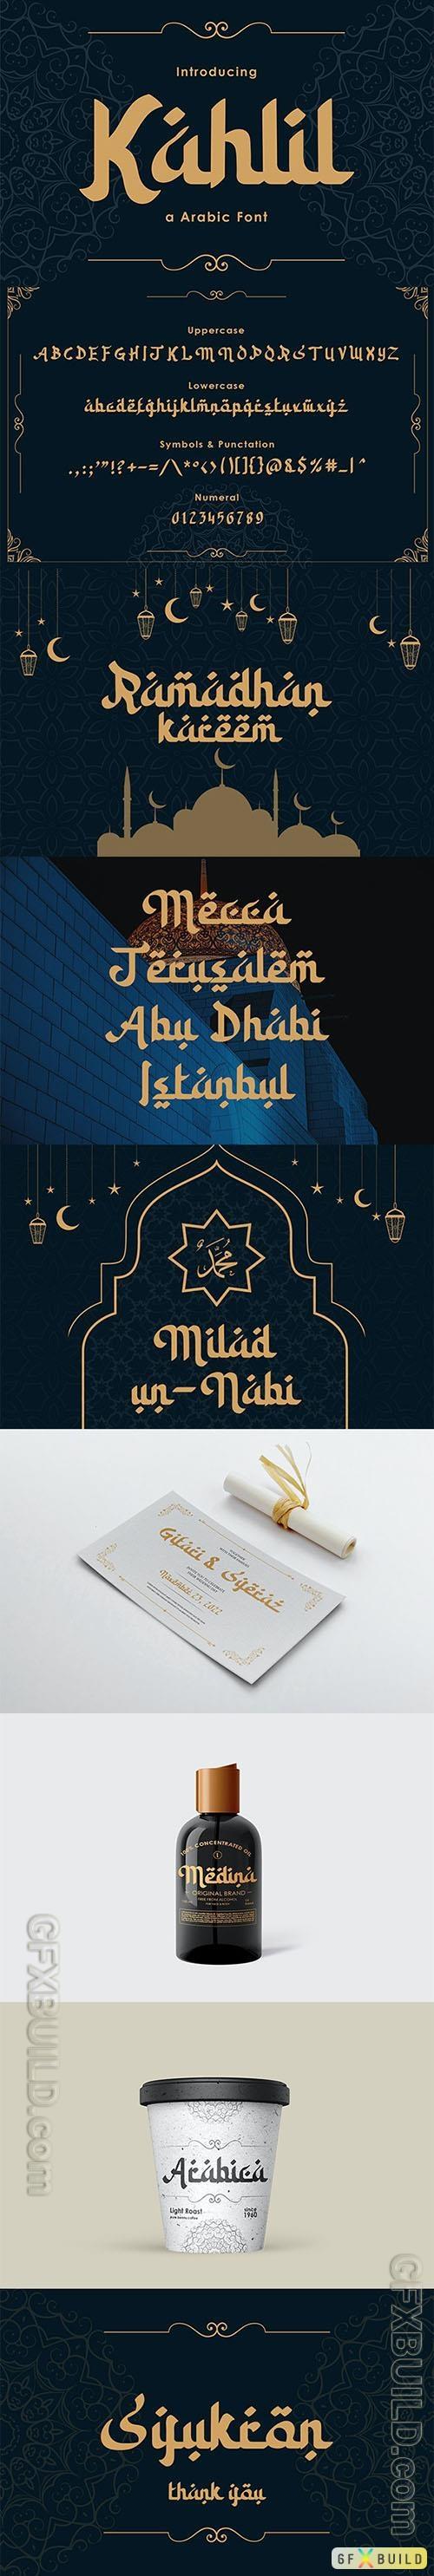 GR - Kahlil - Arabic Font 30677034